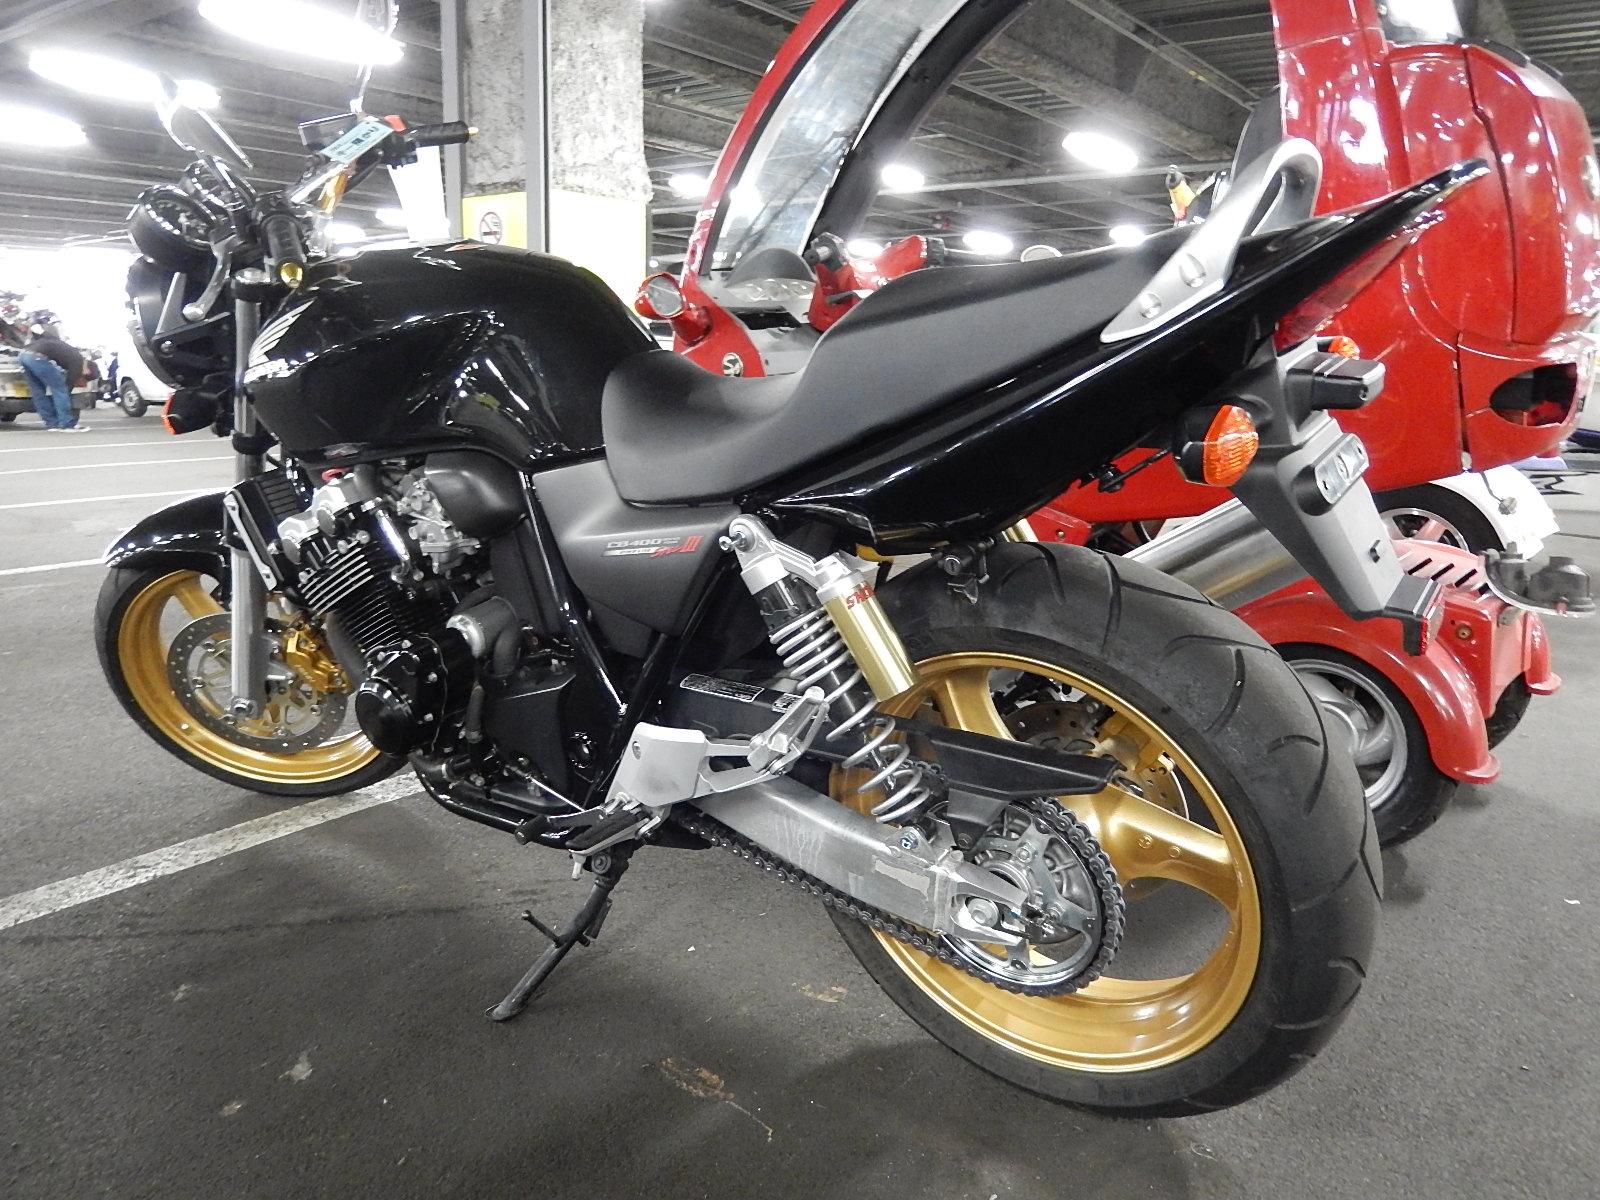 Honda CB400 SF Vtec 3, 2005г купить в Пермском крае на ...